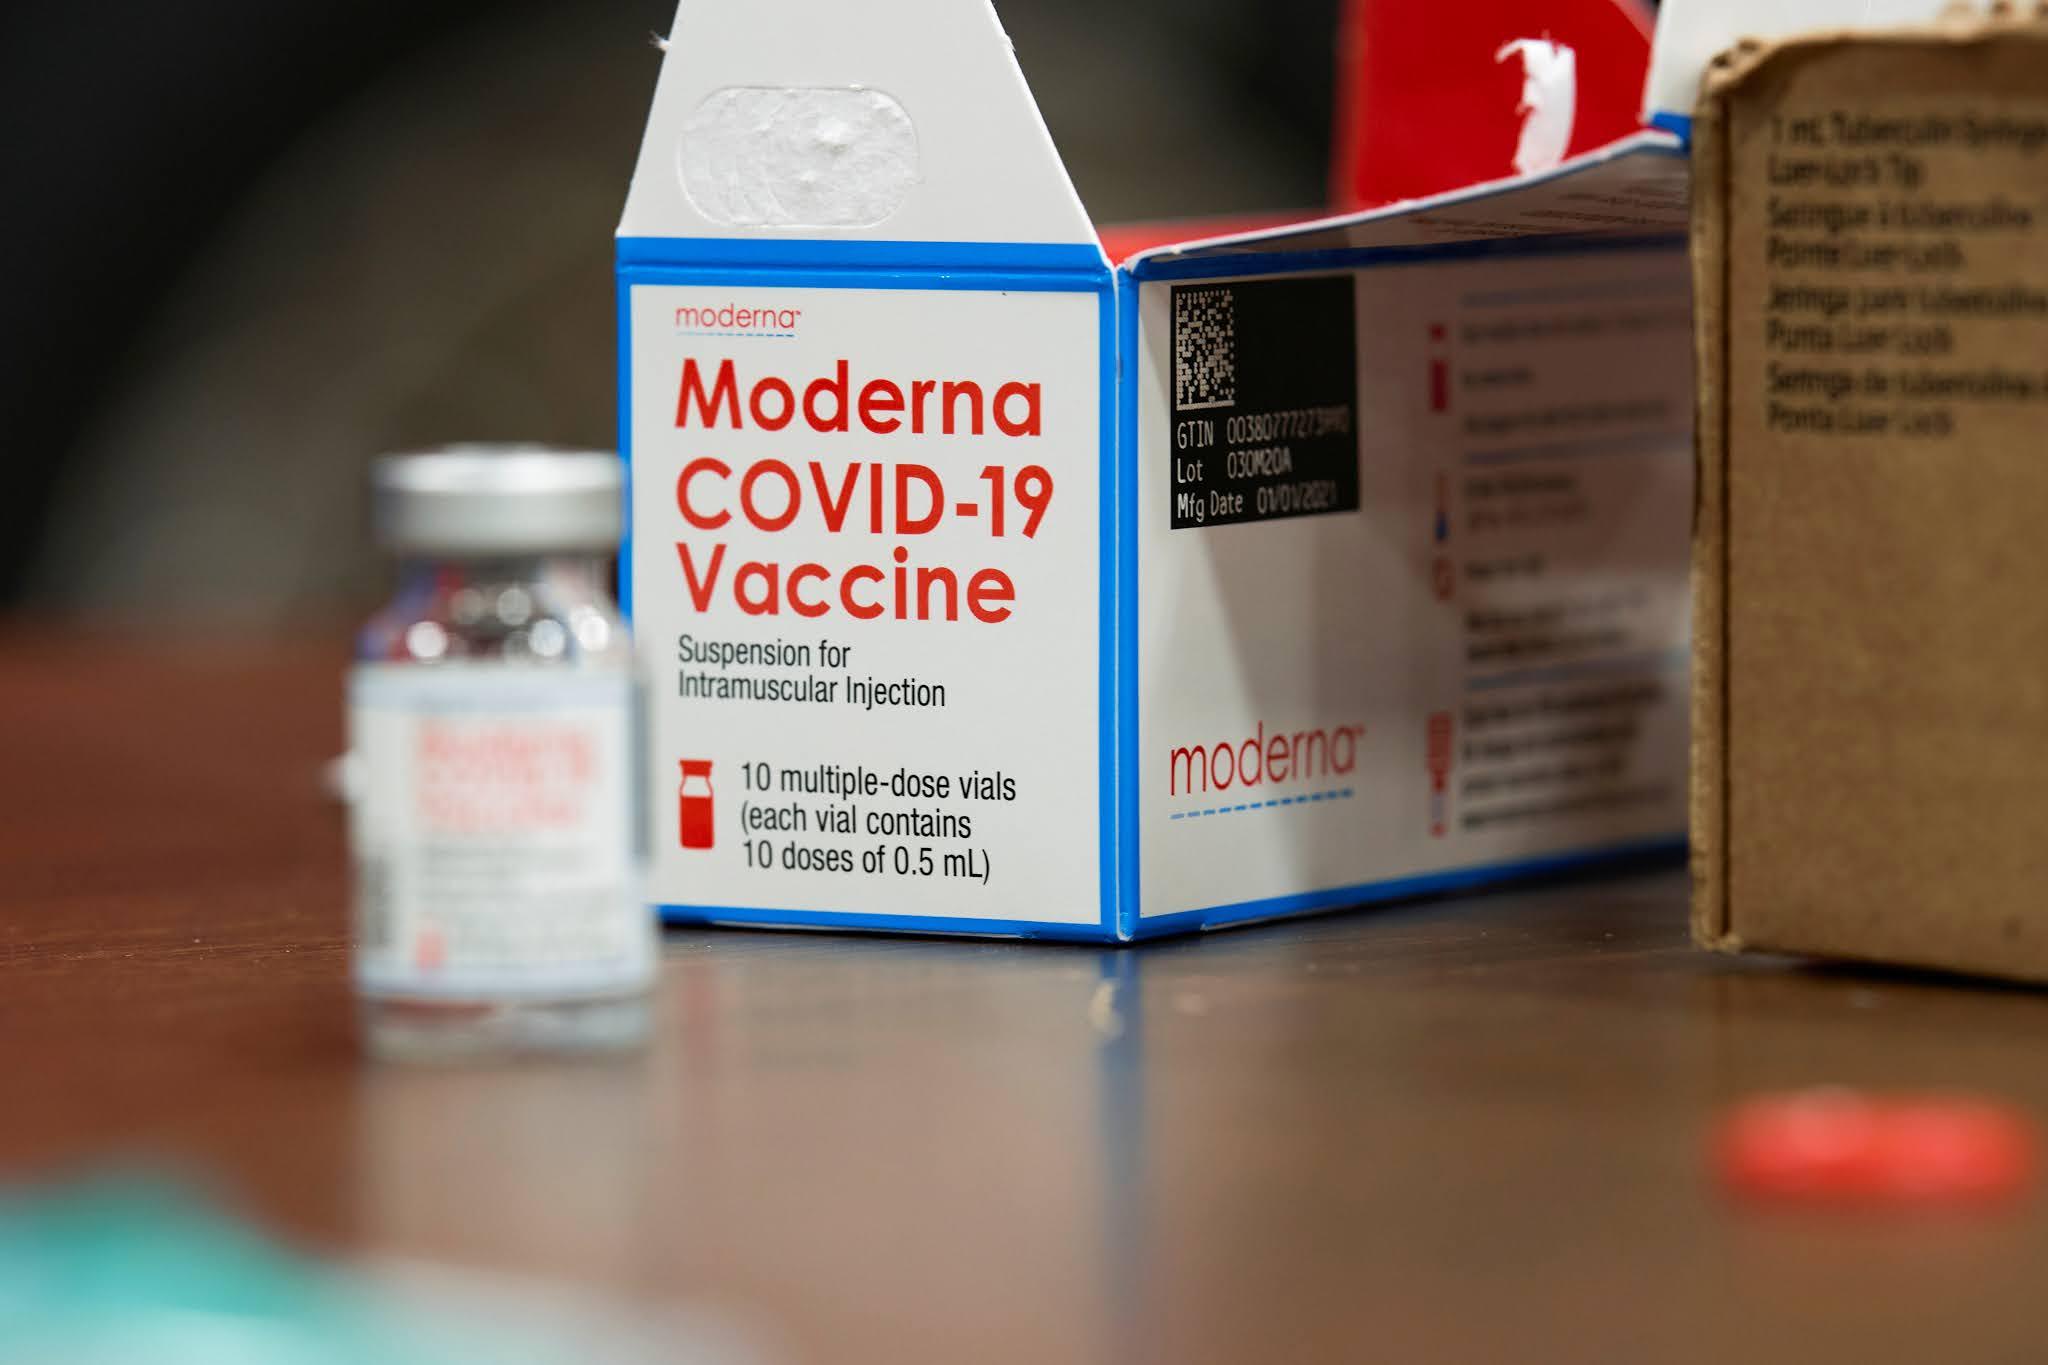 El Gobierno anunció que el lunes se firmarán acuerdos con Moderna para la compra de vacunas contra el coronavirus